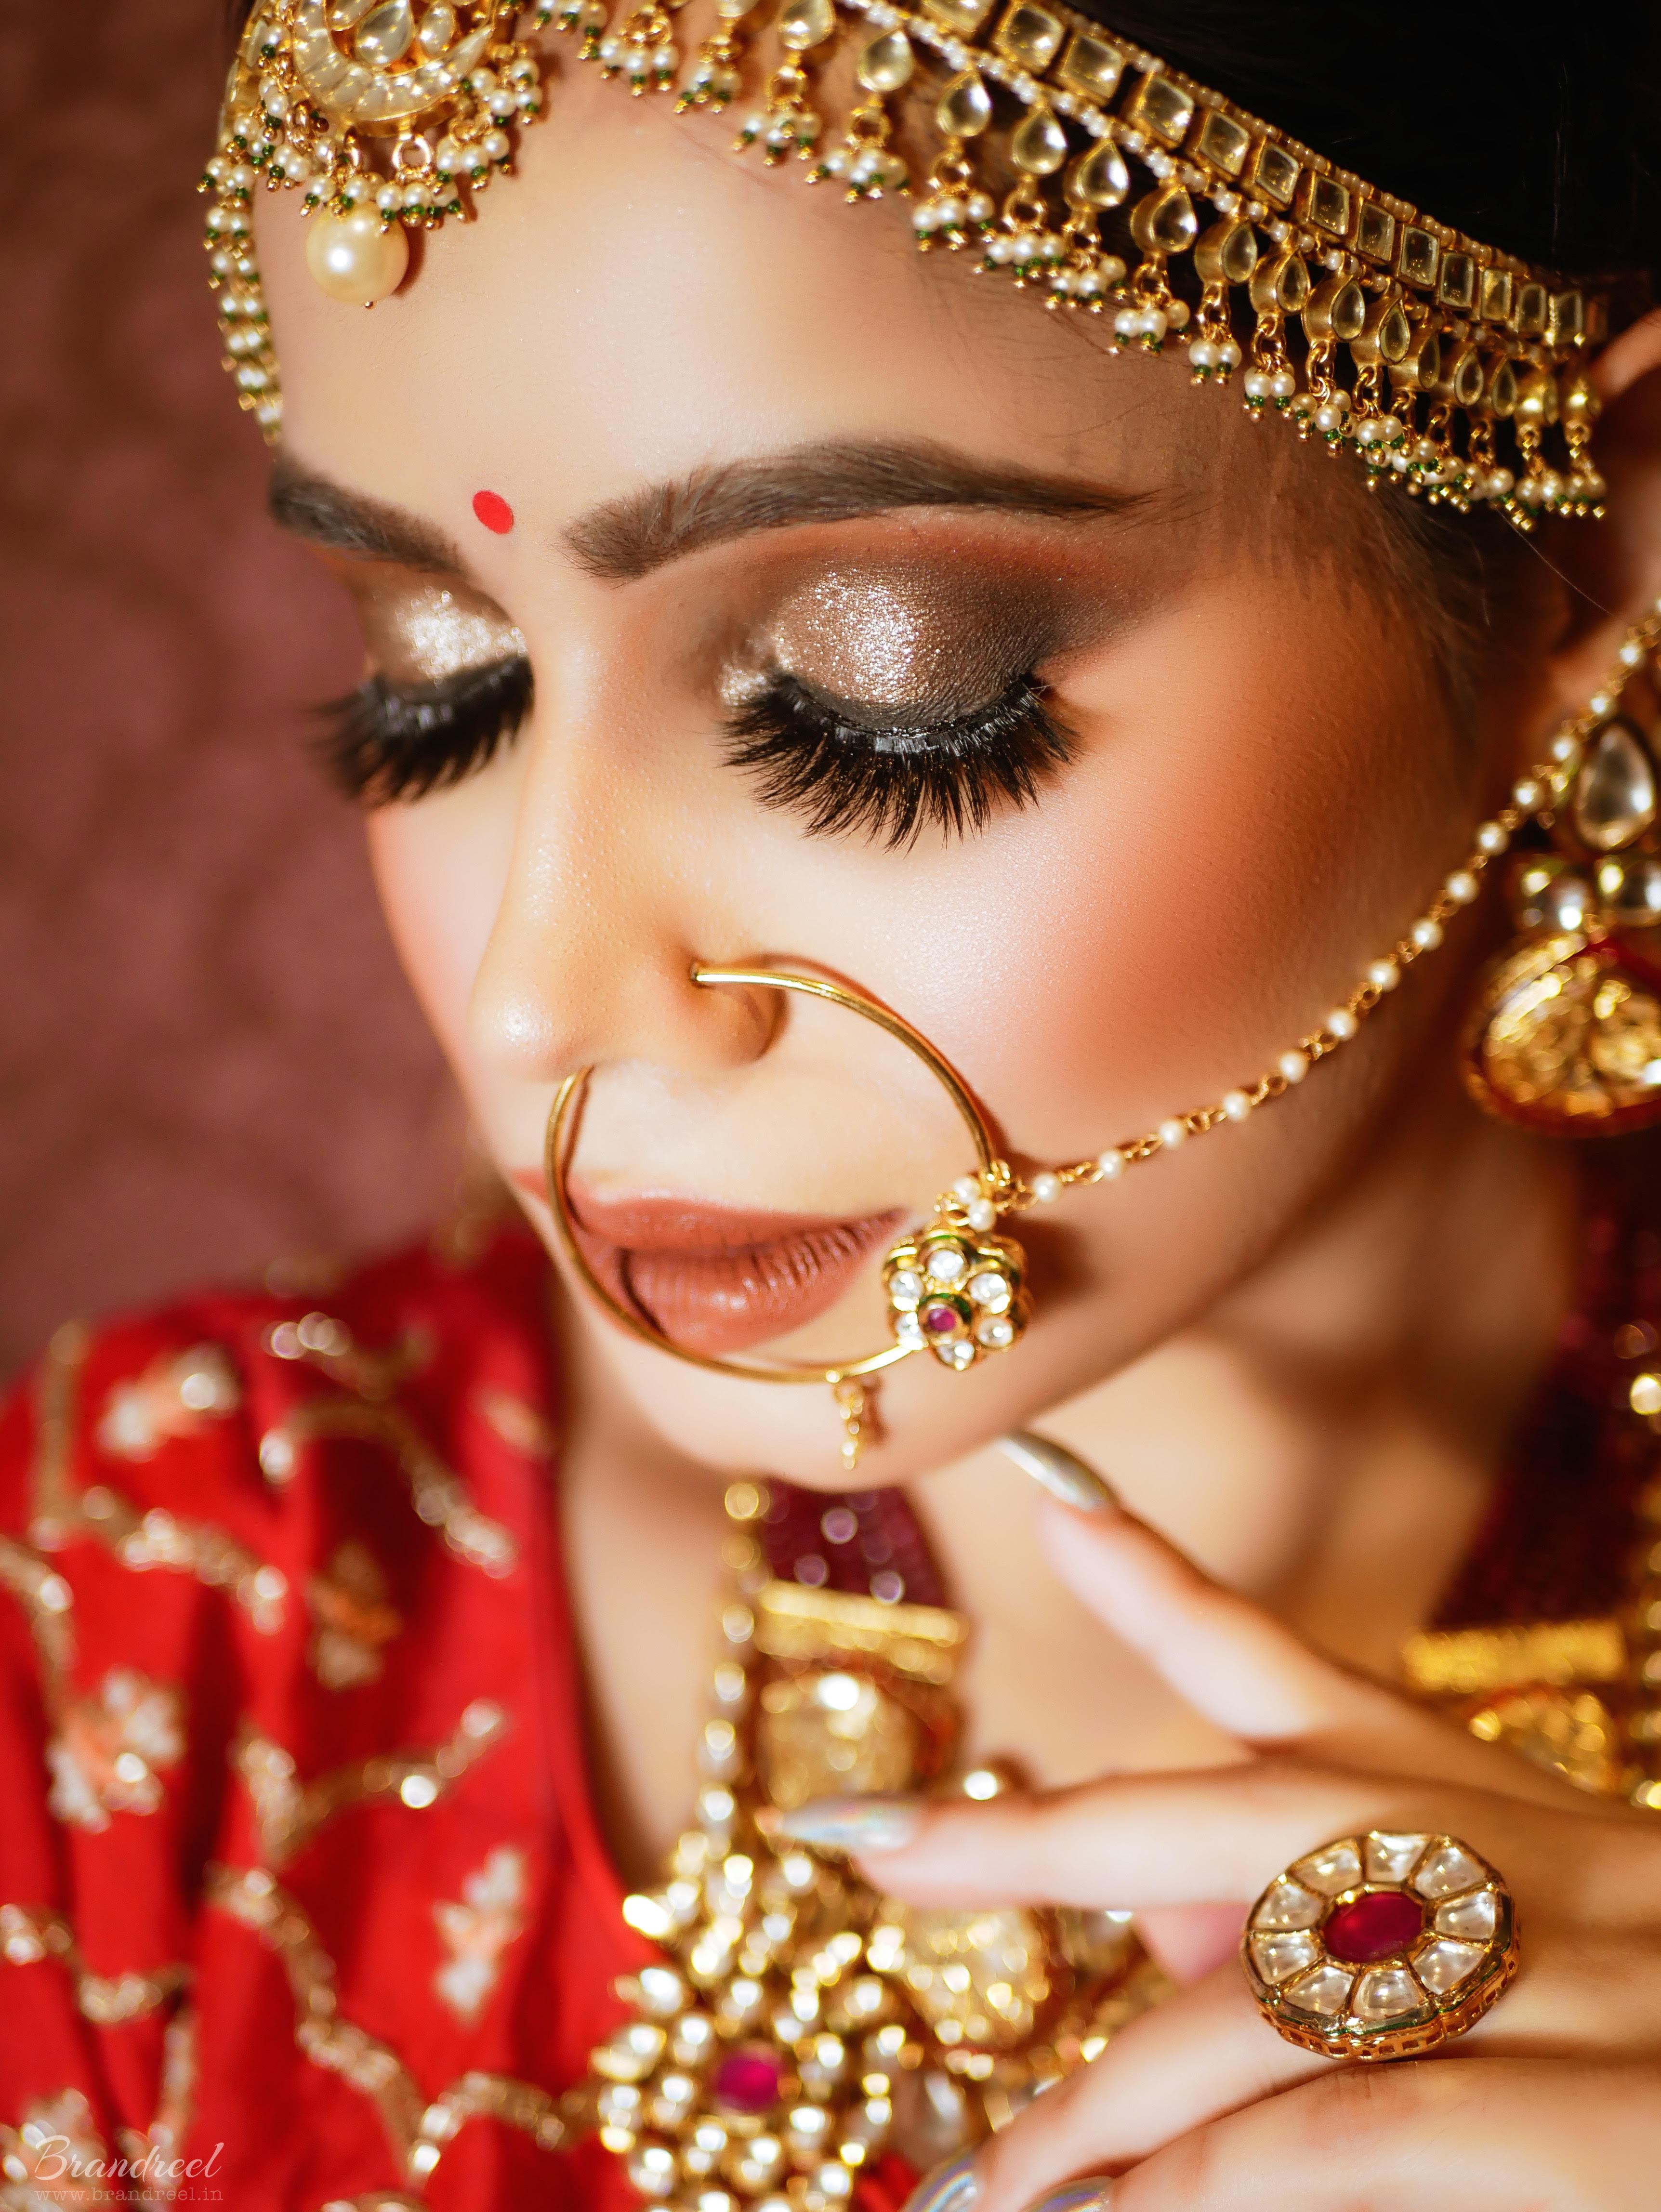 richa-nagpal-makeup-artist-delhi-ncr